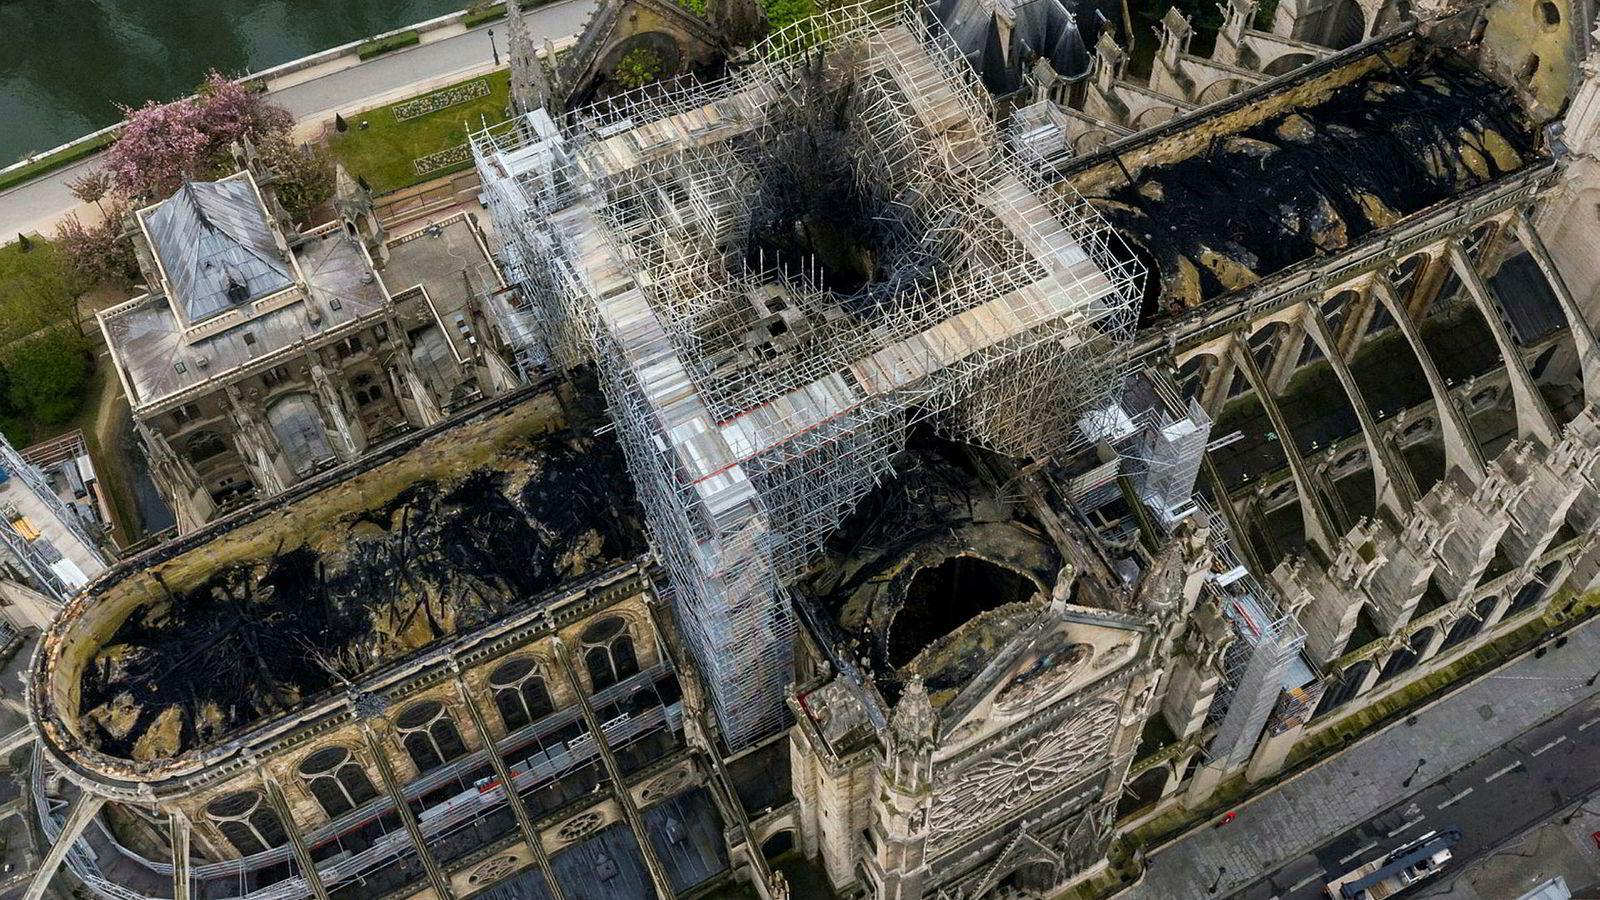 Arkitektkontoret Snøhetta vurderer å delta i arkitektkonkurransen om å tegne nytt hovedspir på Notre-Dame, etter at spiret ble ødelagt i den voldsomme brannen for få dager siden.